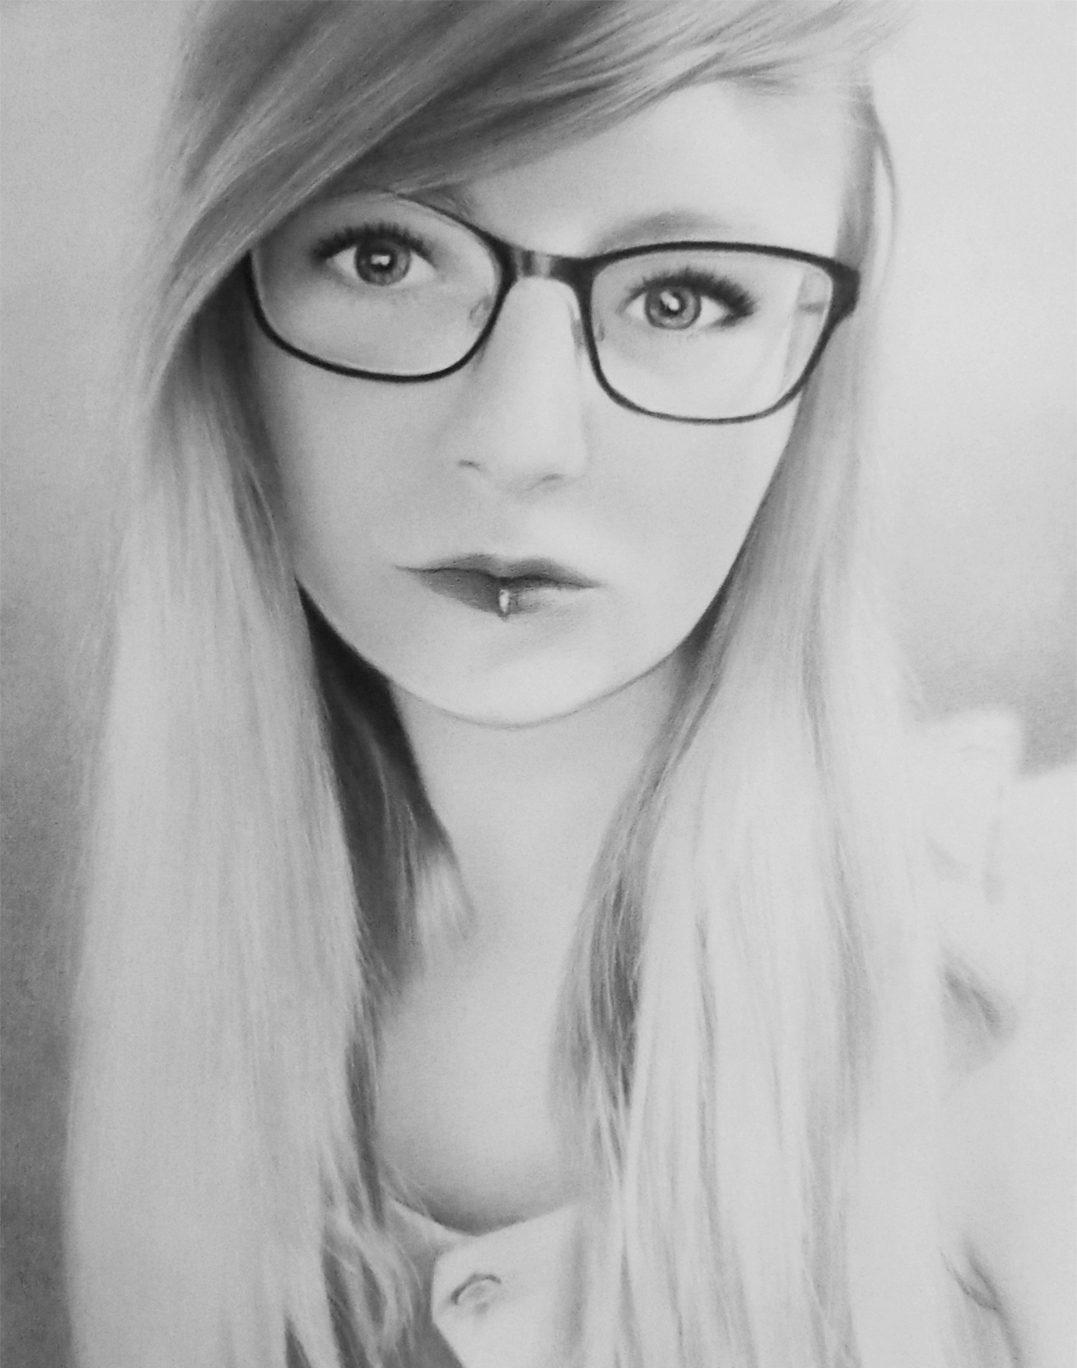 lány portré rajz